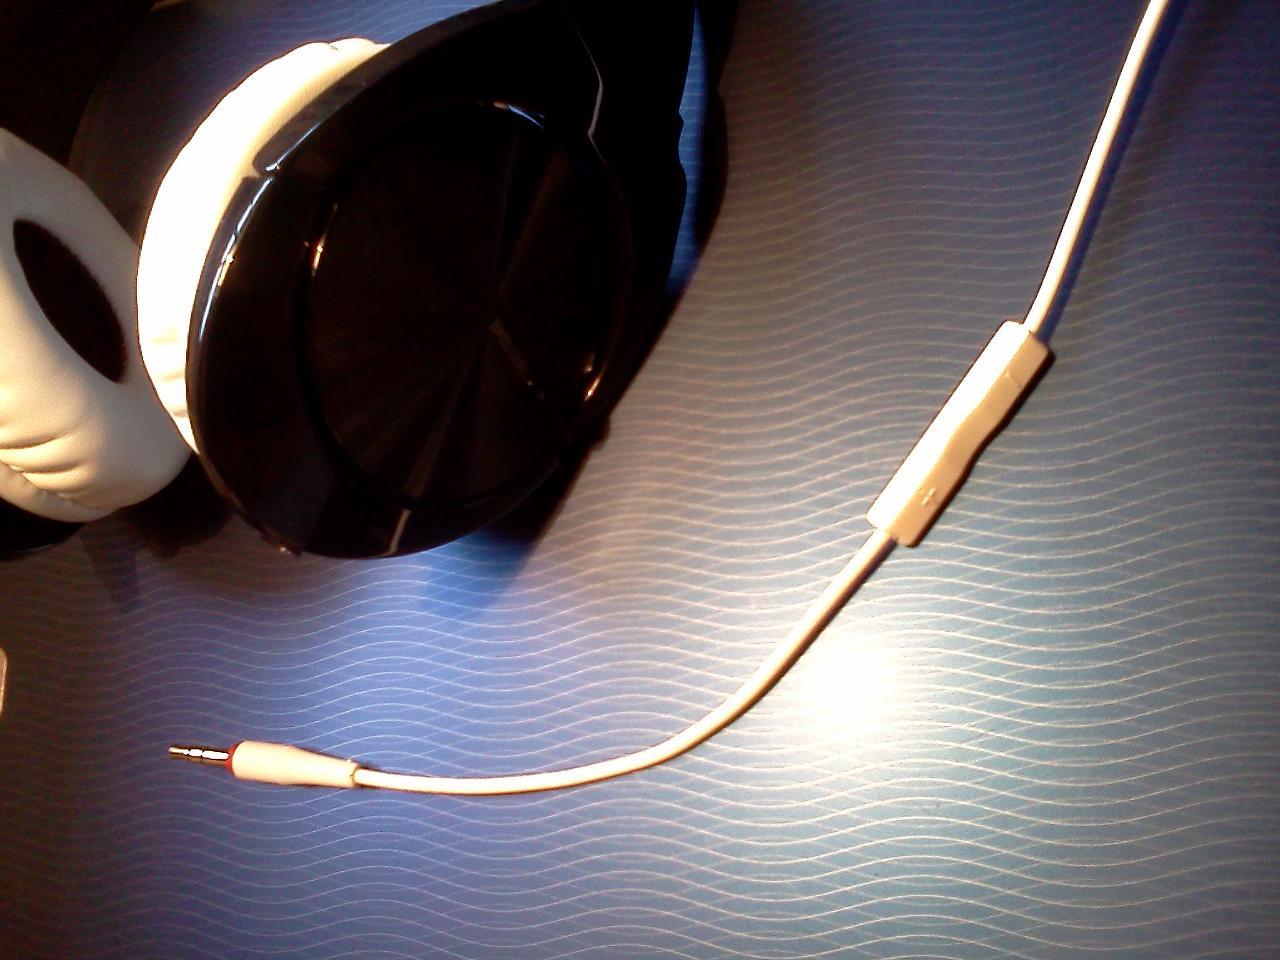 Pioneer_SE-MJ751_Cable.jpg